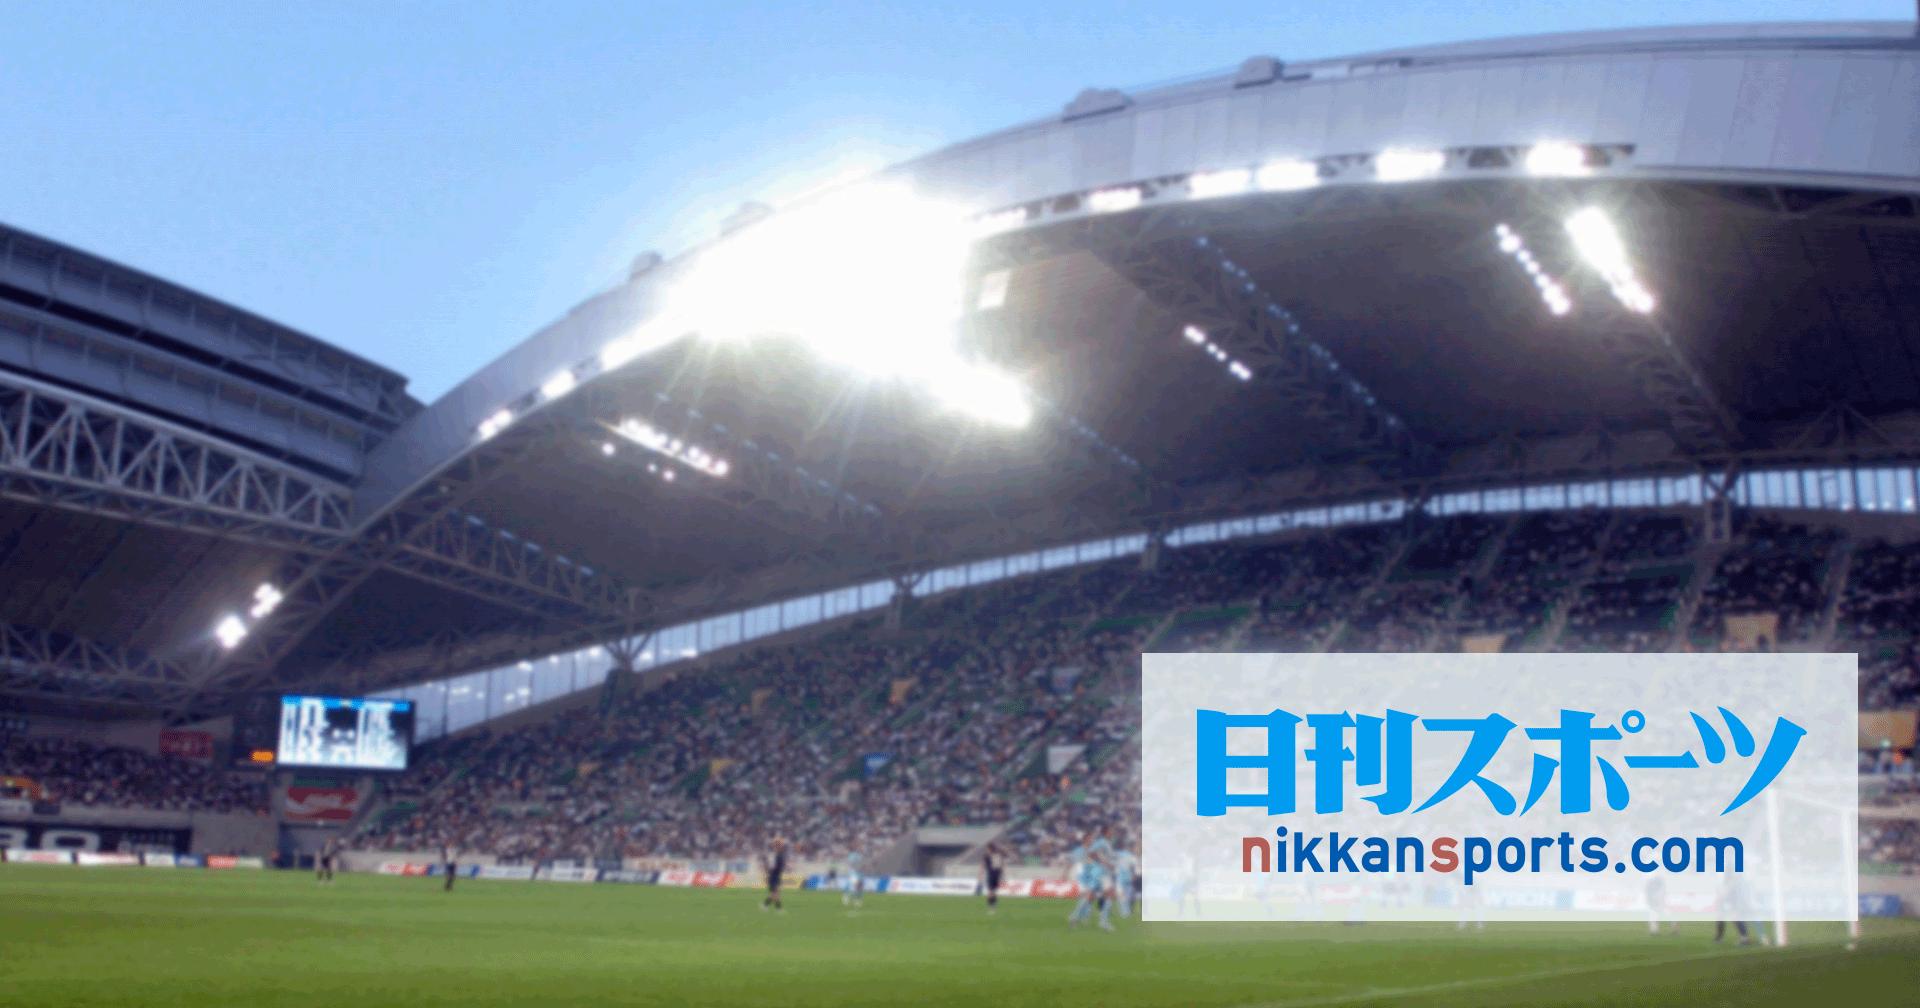 五輪招致で億単位の送金か、菅義偉氏はクリーン強調 - スポーツ : 日刊スポーツ